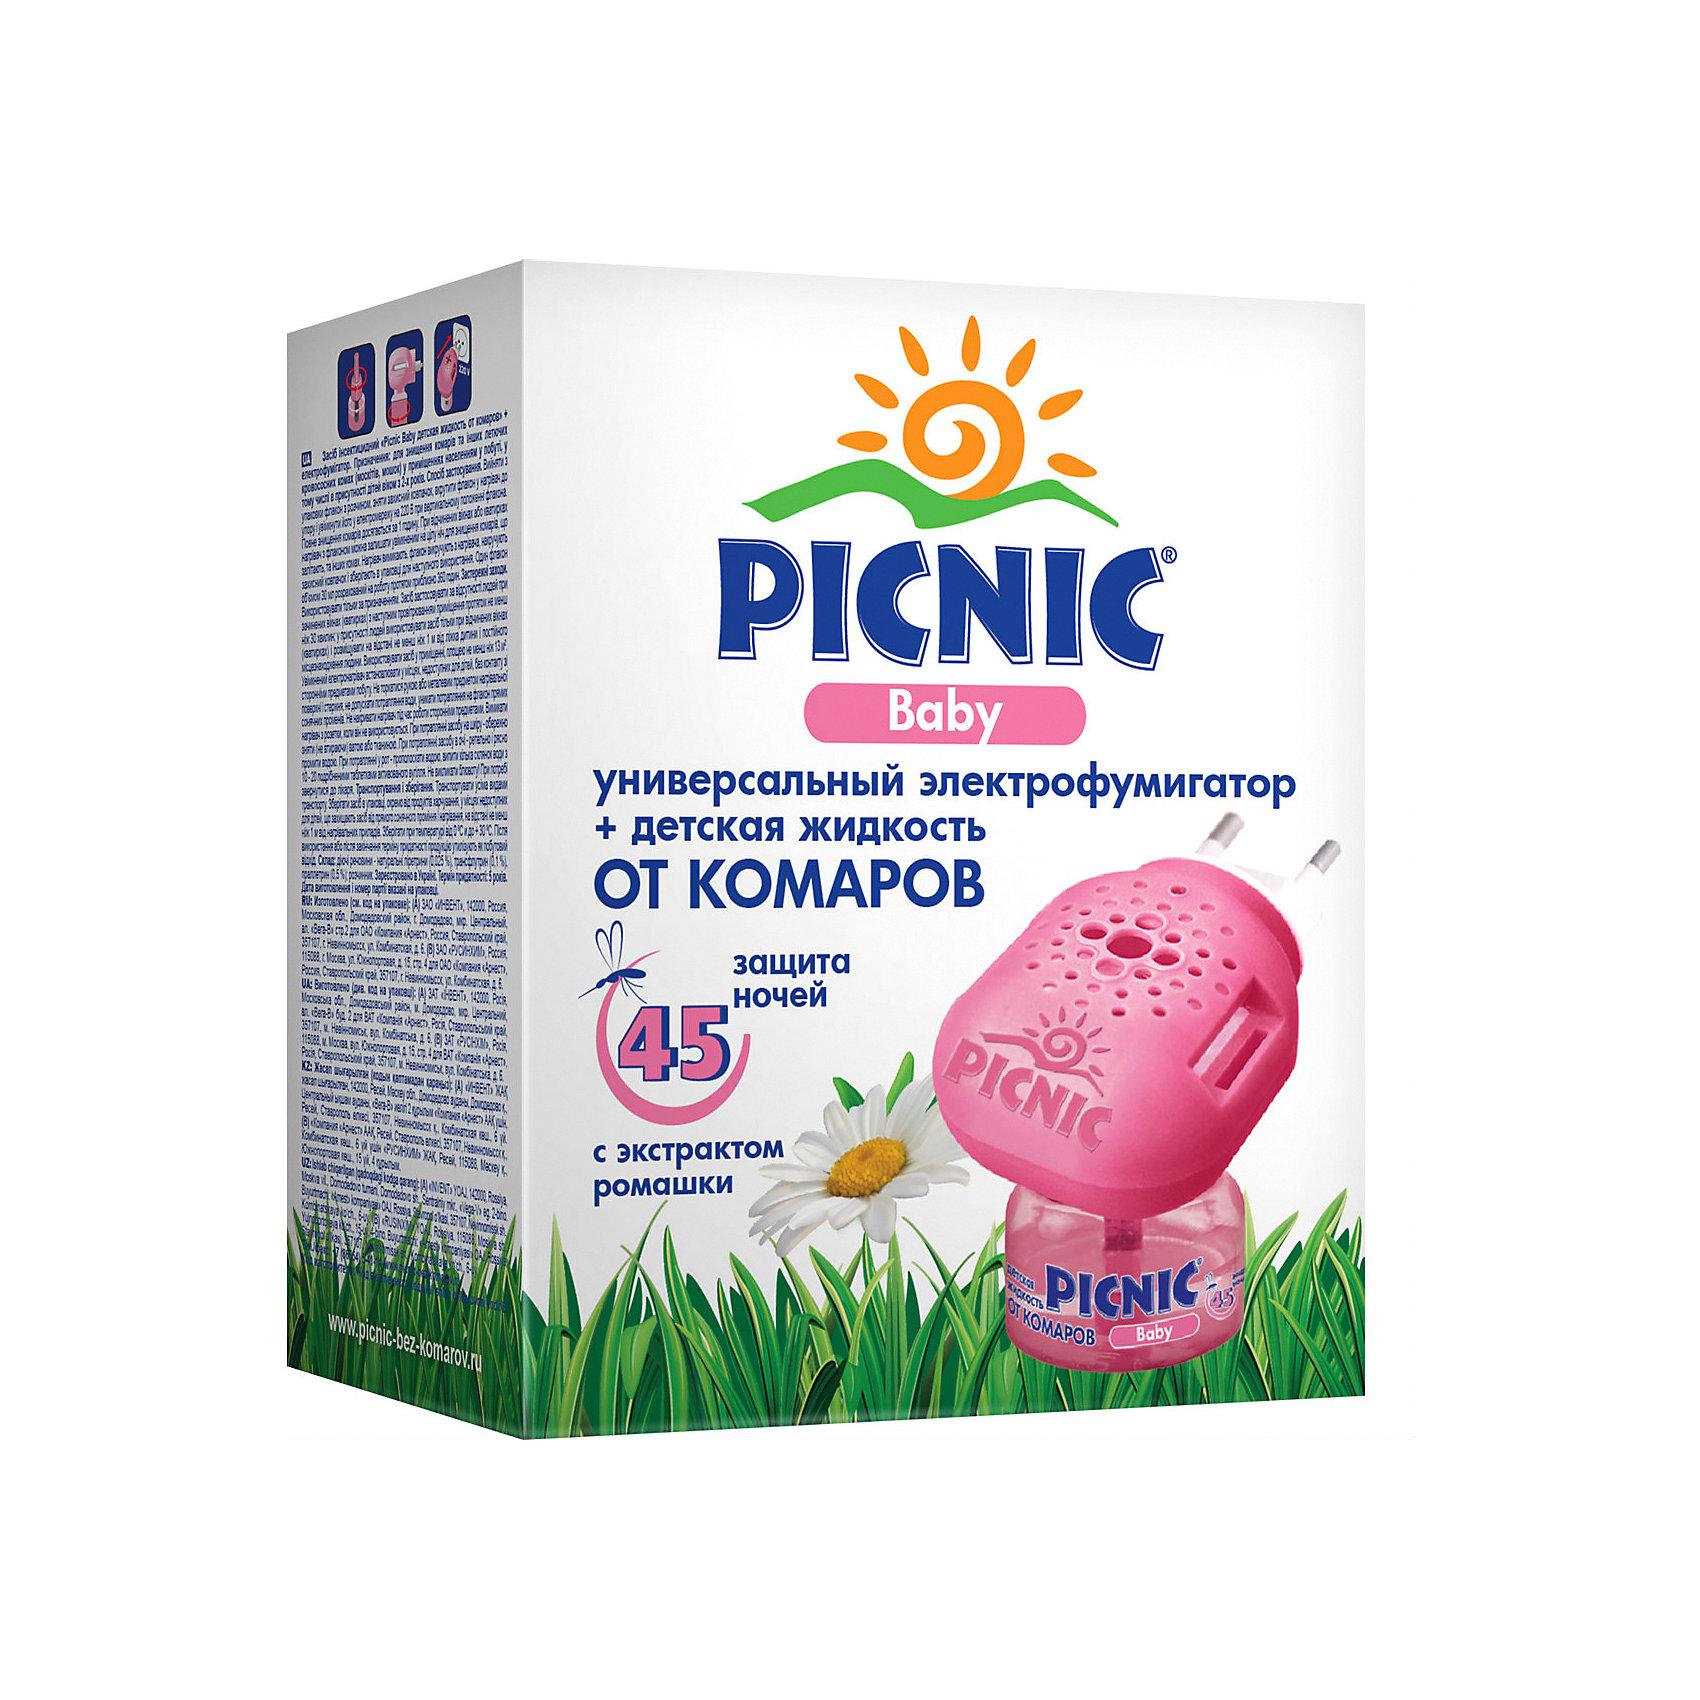 Фумигатор+жидкость от комаров 45 ночей, Picnic Baby